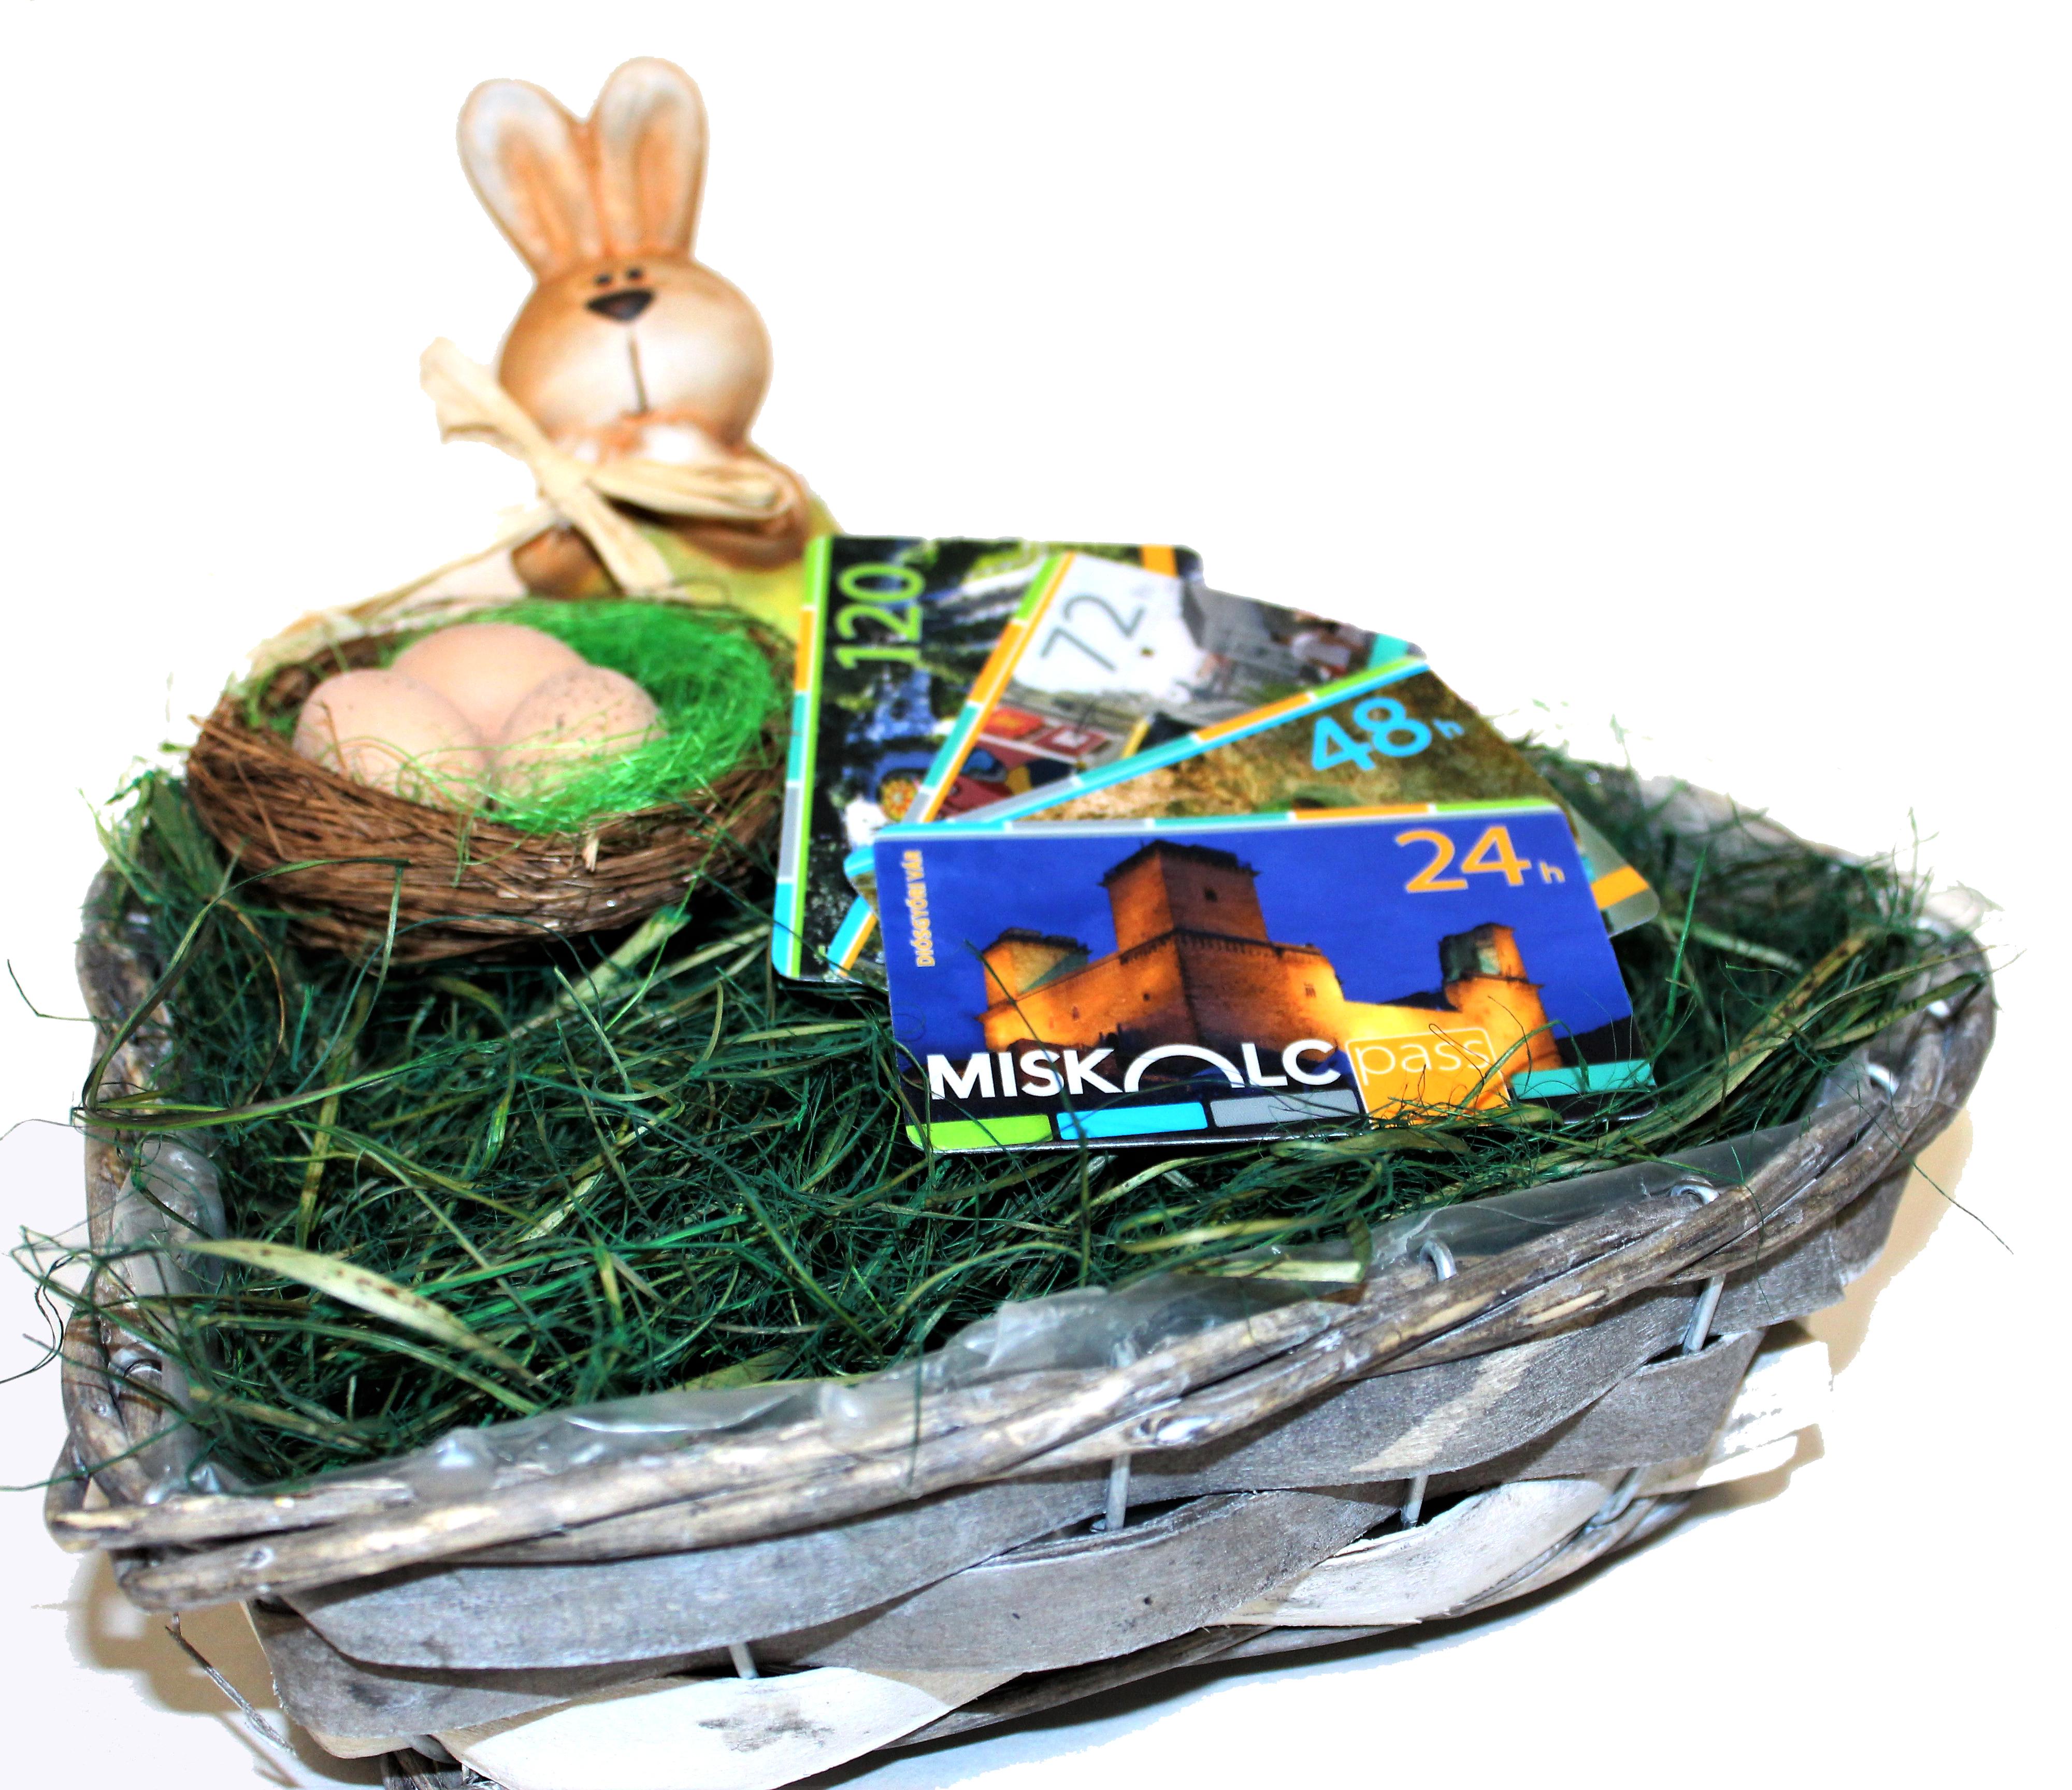 1a711d0528f3 A miskolci húsvéti nyitvatartásokról és a miserendről a Bakancsban és  tűsarkúban Miskolcon programajánlónkban olvashatsz... TOVÁBB